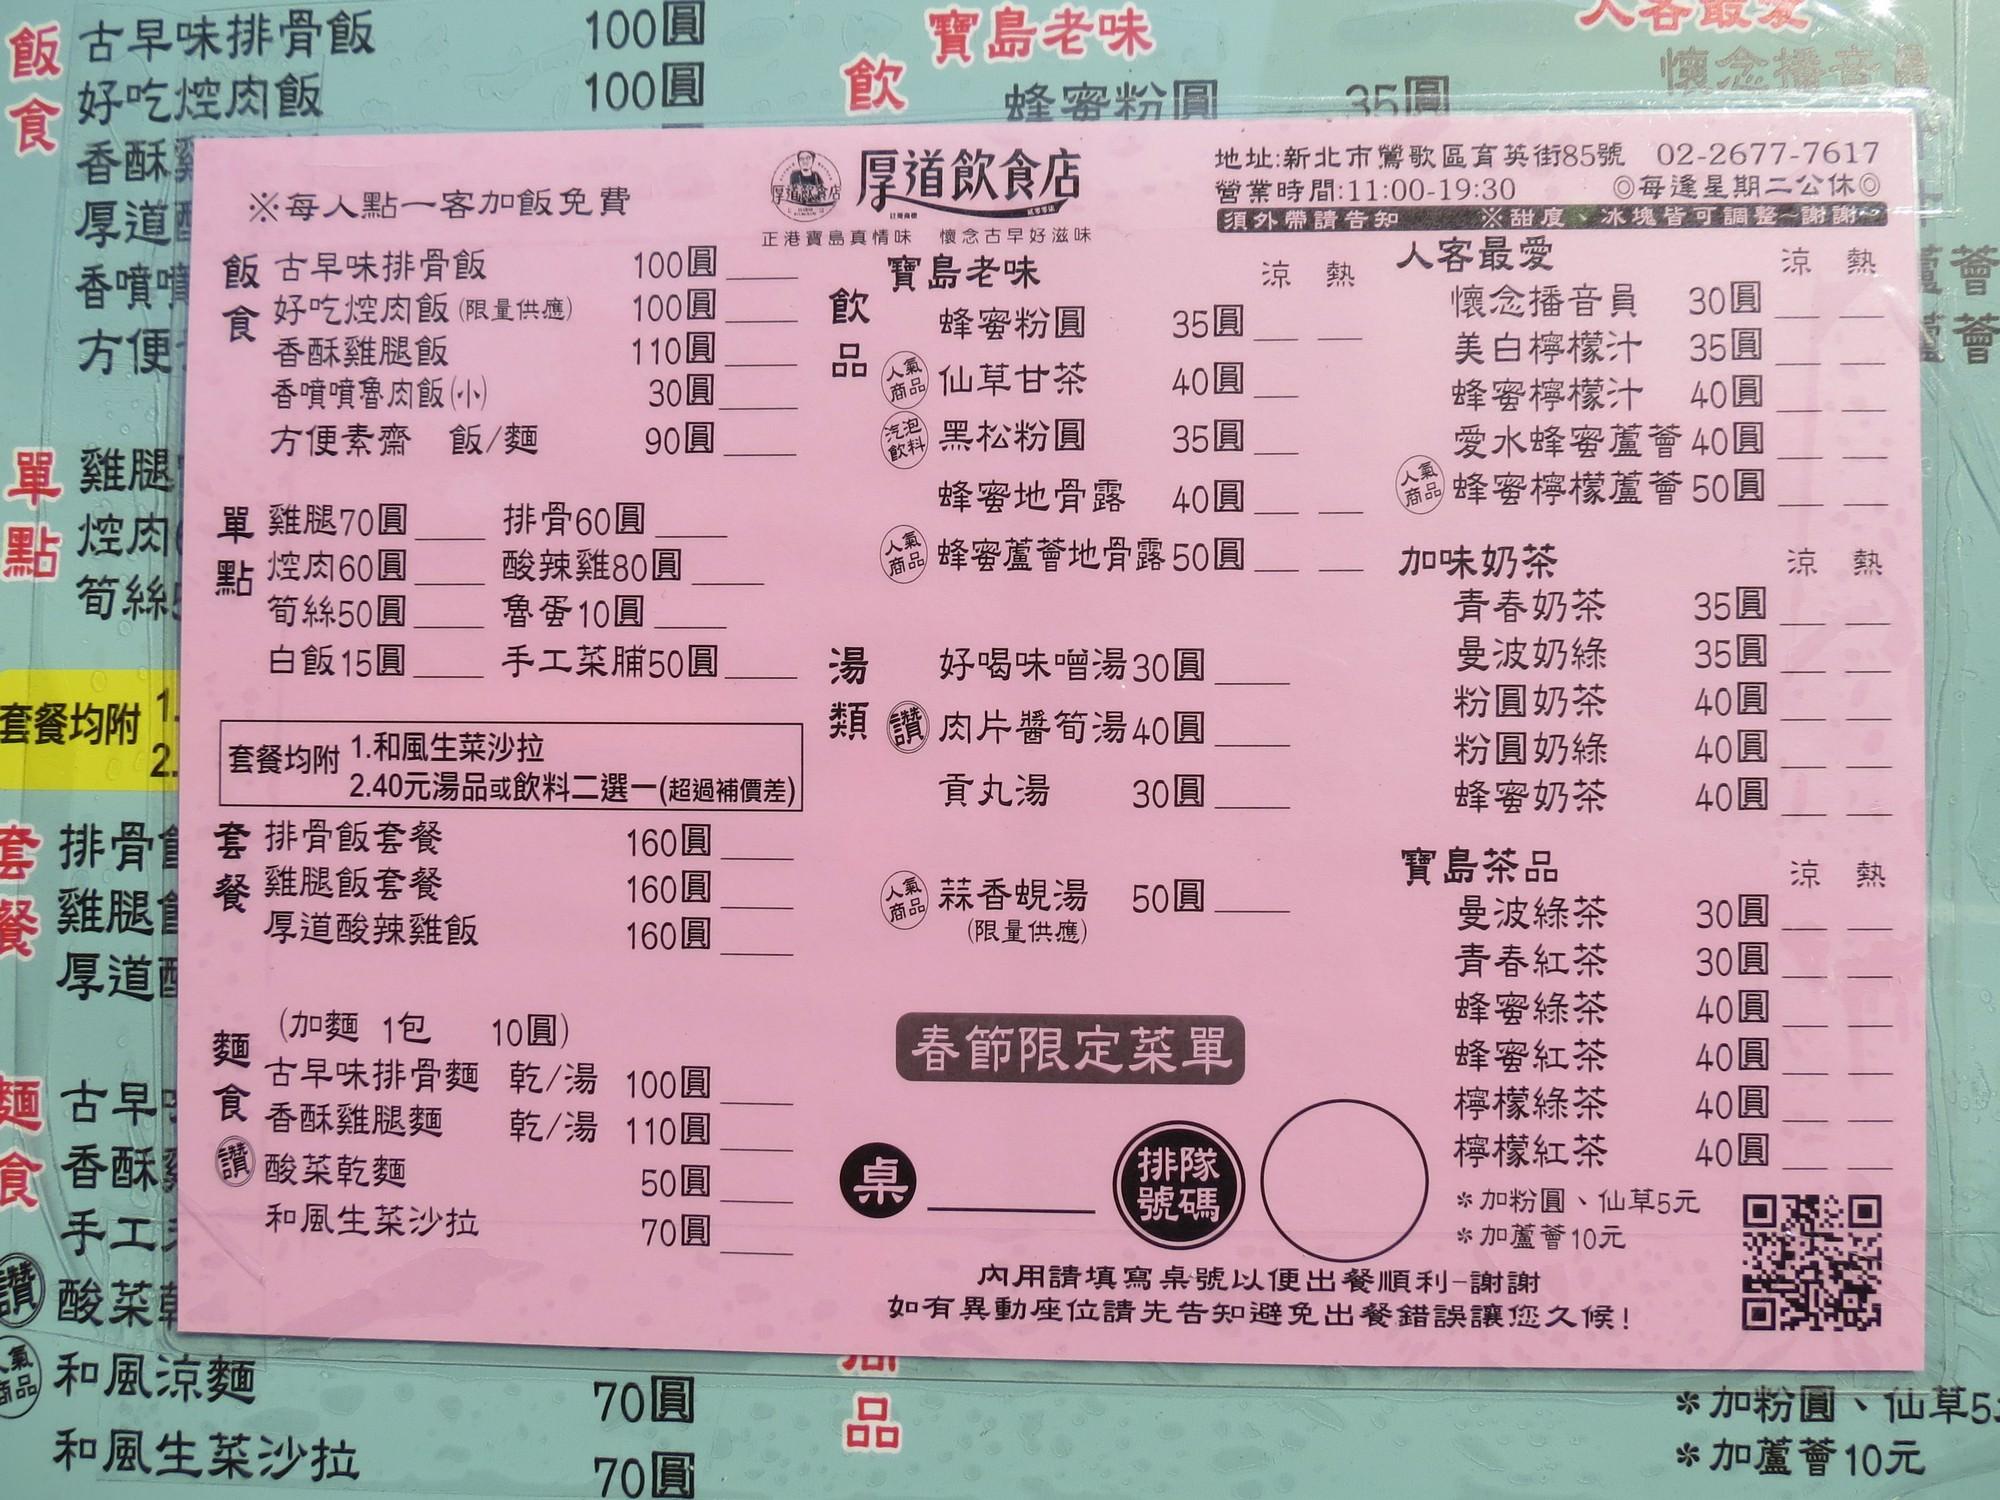 厚道飲食店@鶯歌老店, 點菜單/MENU